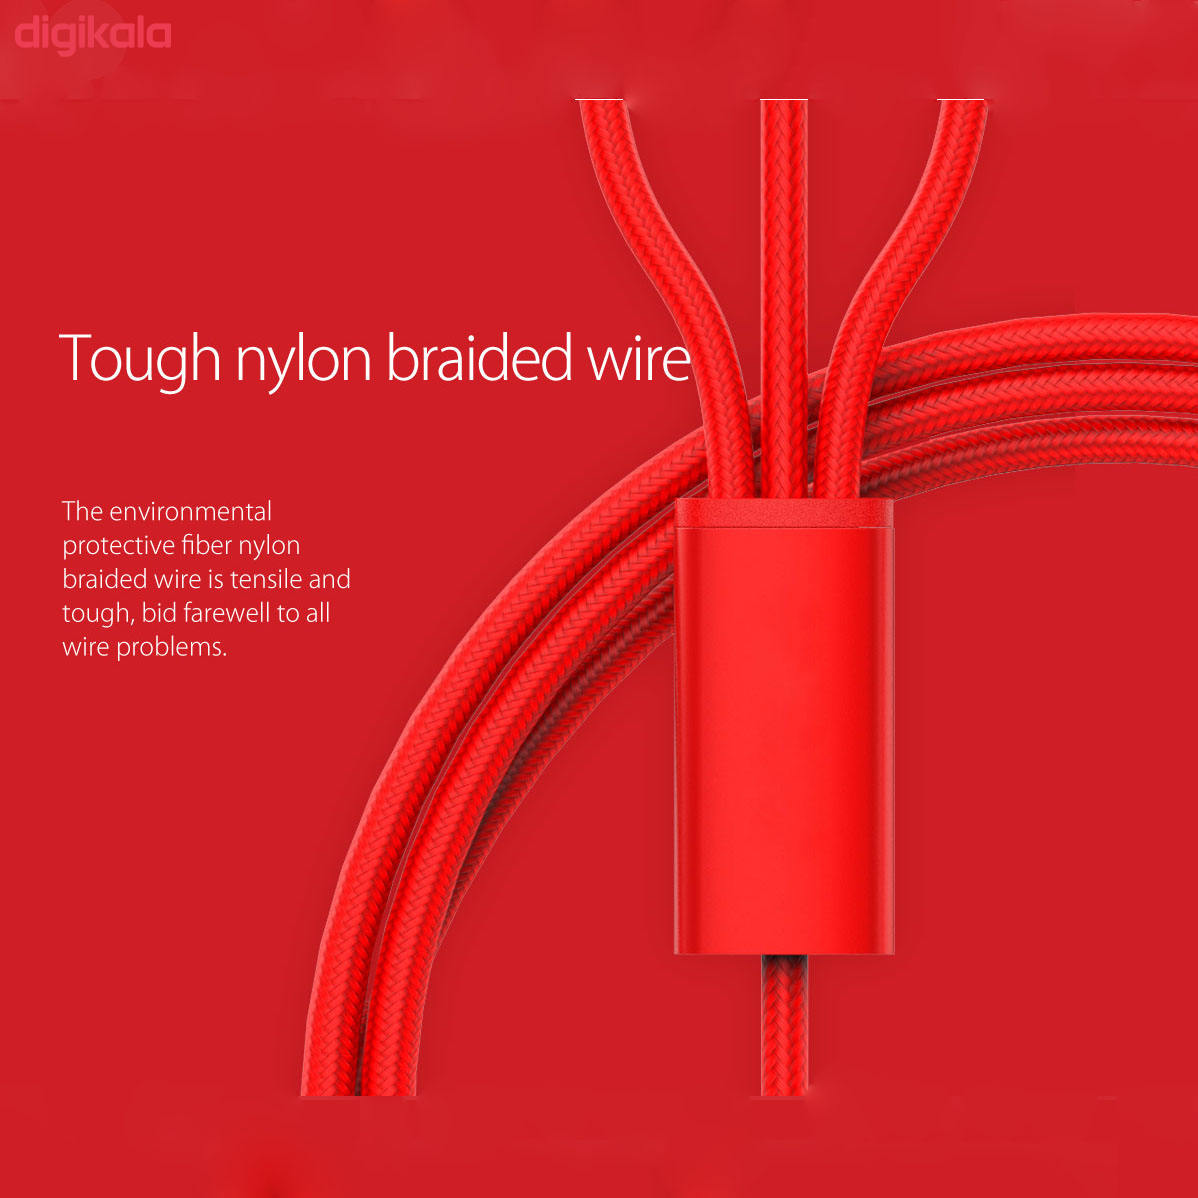 کابل تبدیل USB به microUSB / لایتنینگ / USB-C سمگپرس مدل S85 طول 1.2 متر main 1 3